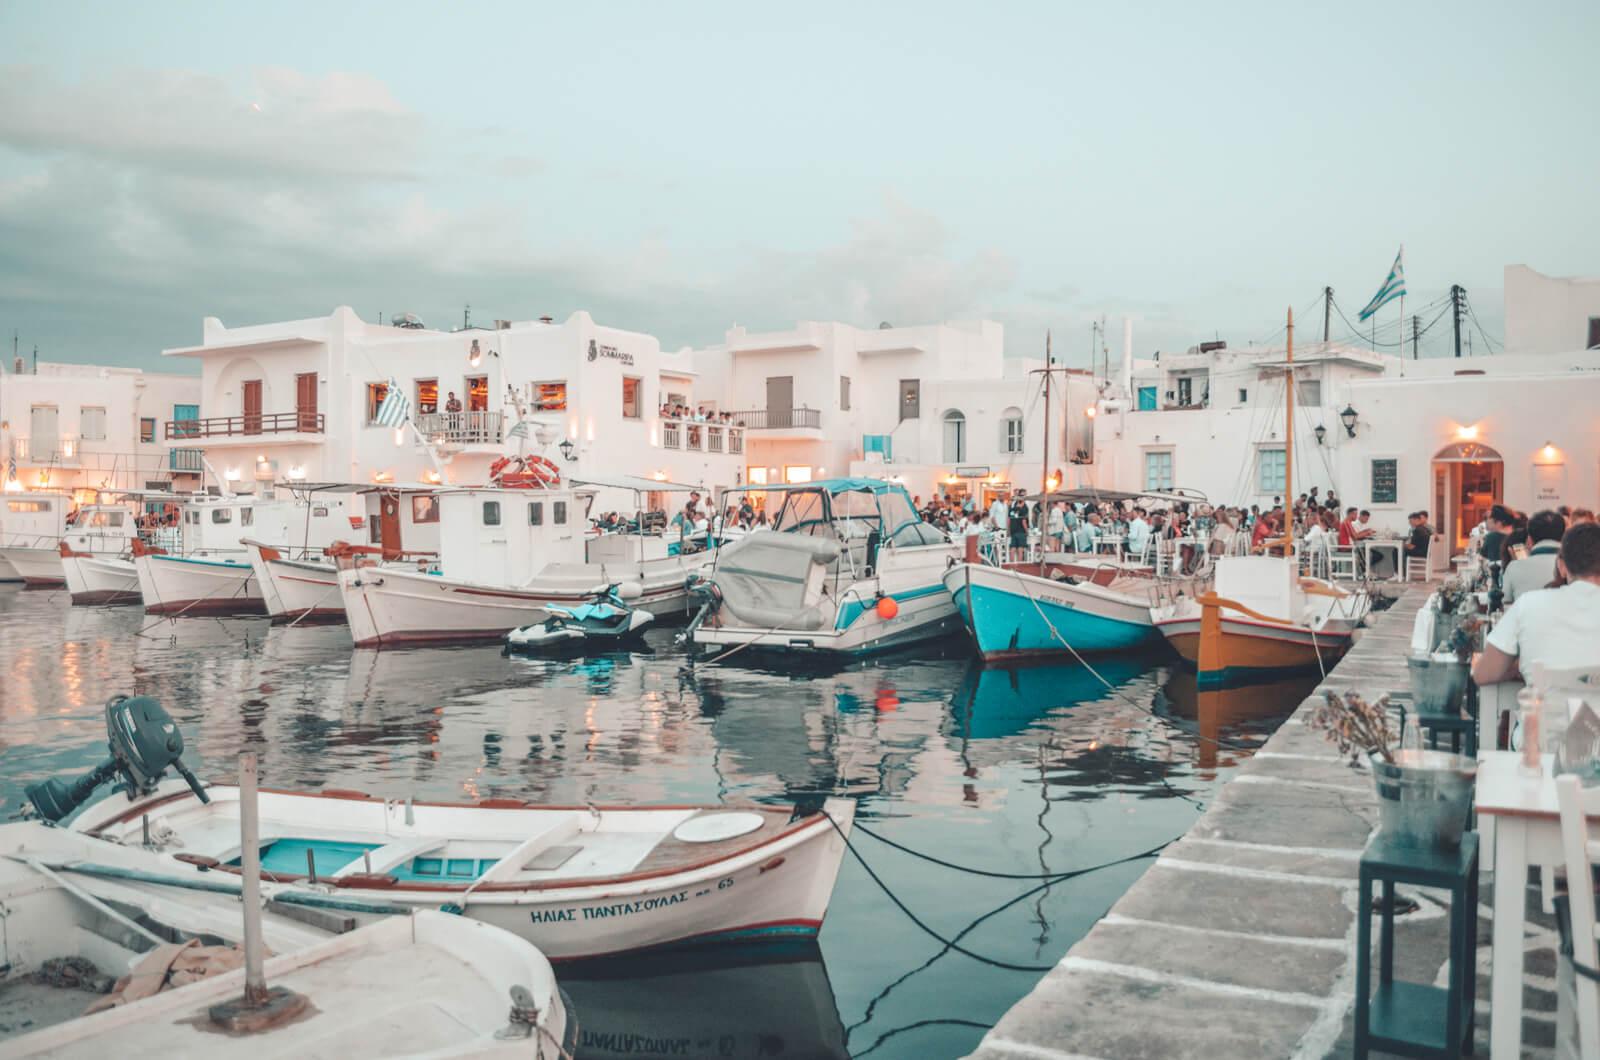 paros-cyclades-greece-la-vie-en-blog-all-rights-reserved-229